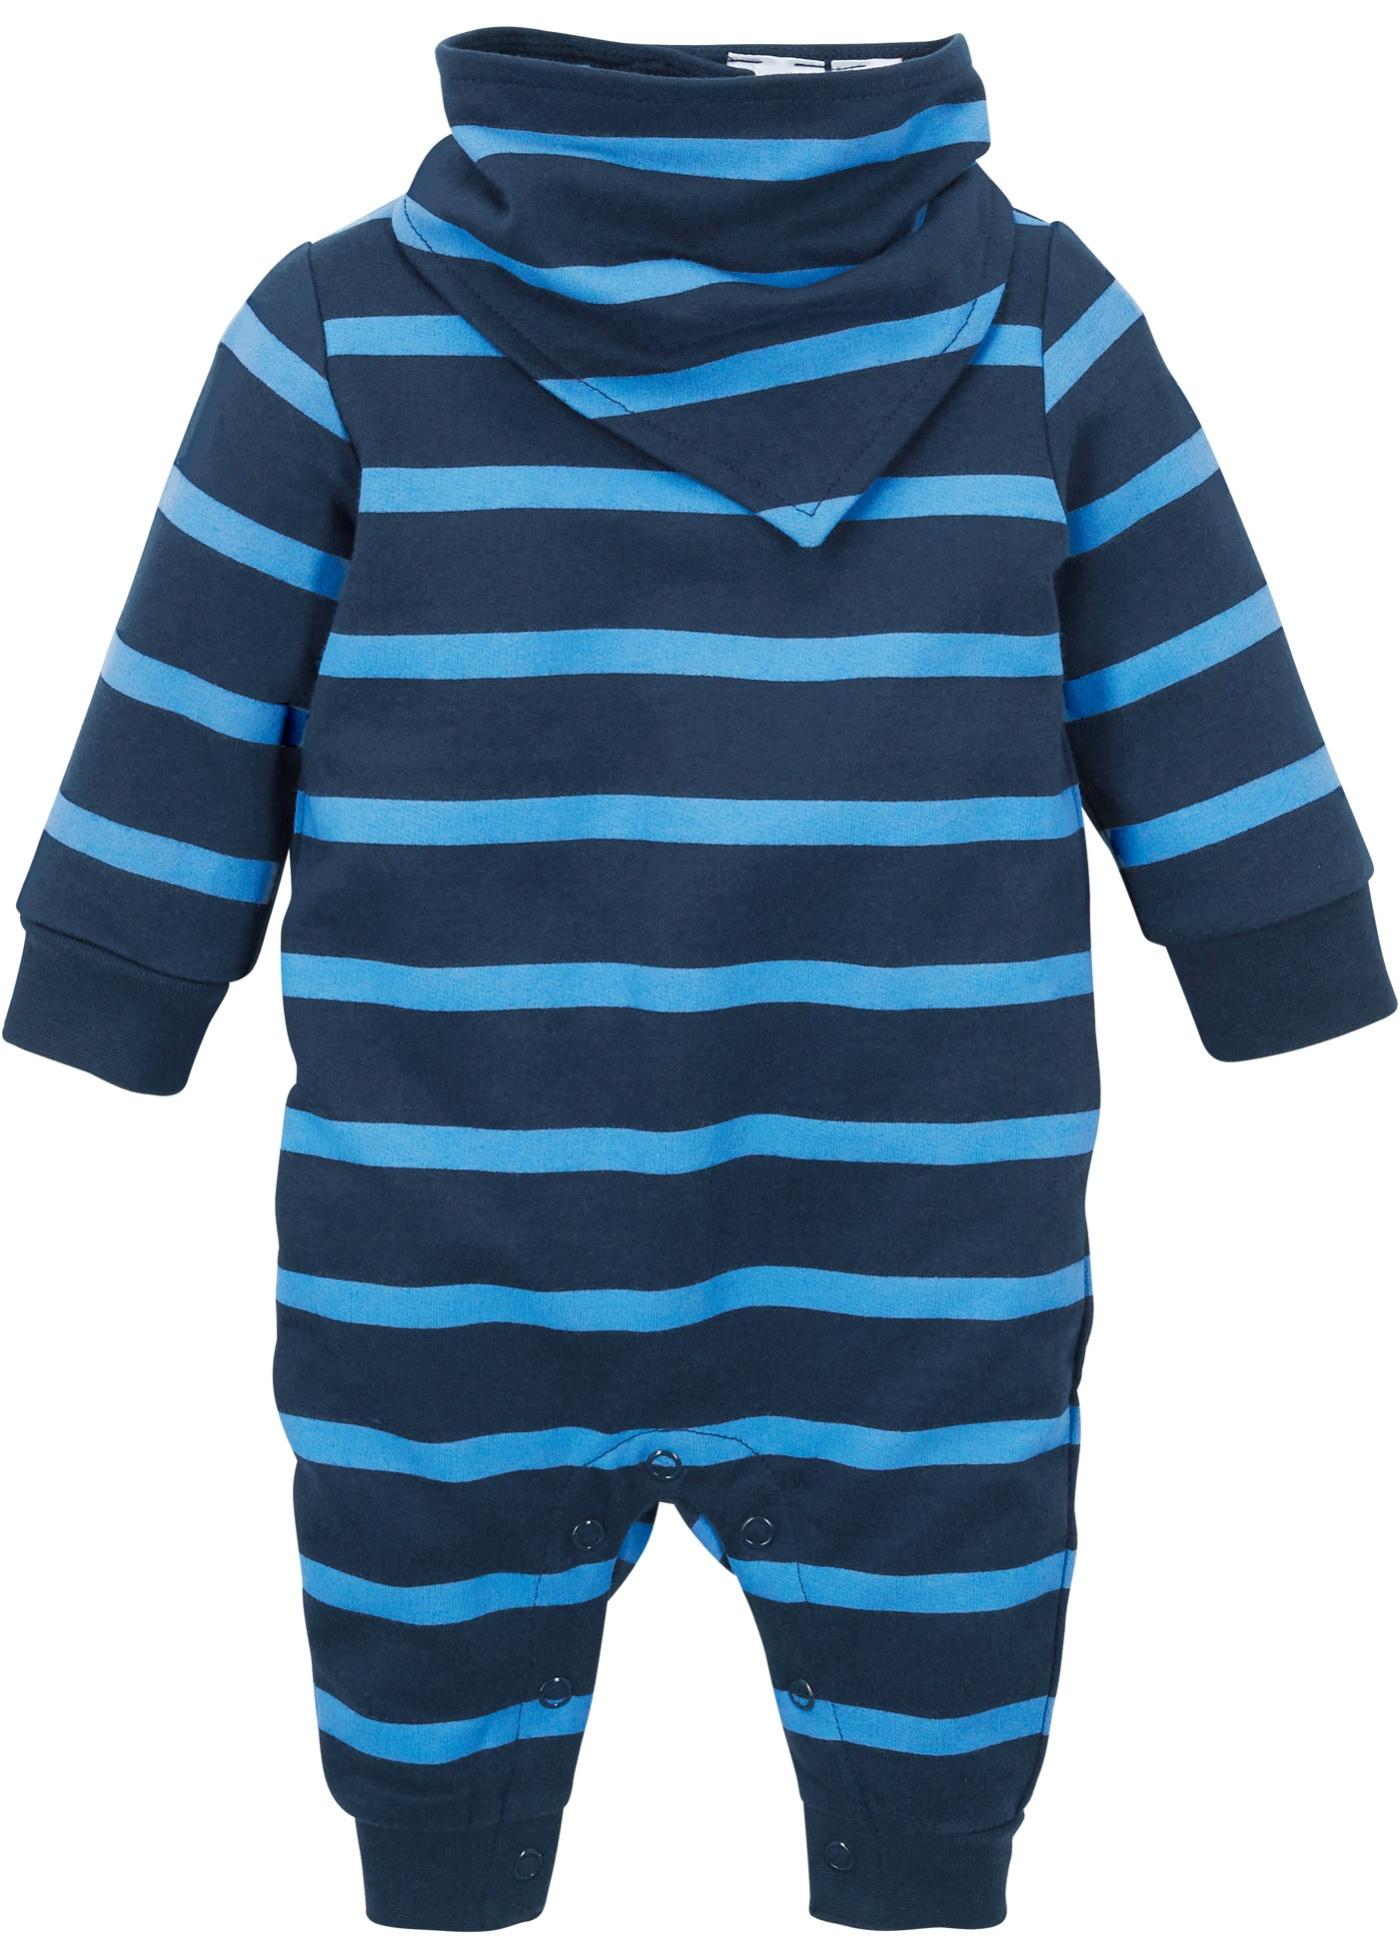 Grenouillère bébé en sweat + foulard (Ens. 2 pces.) coton bio